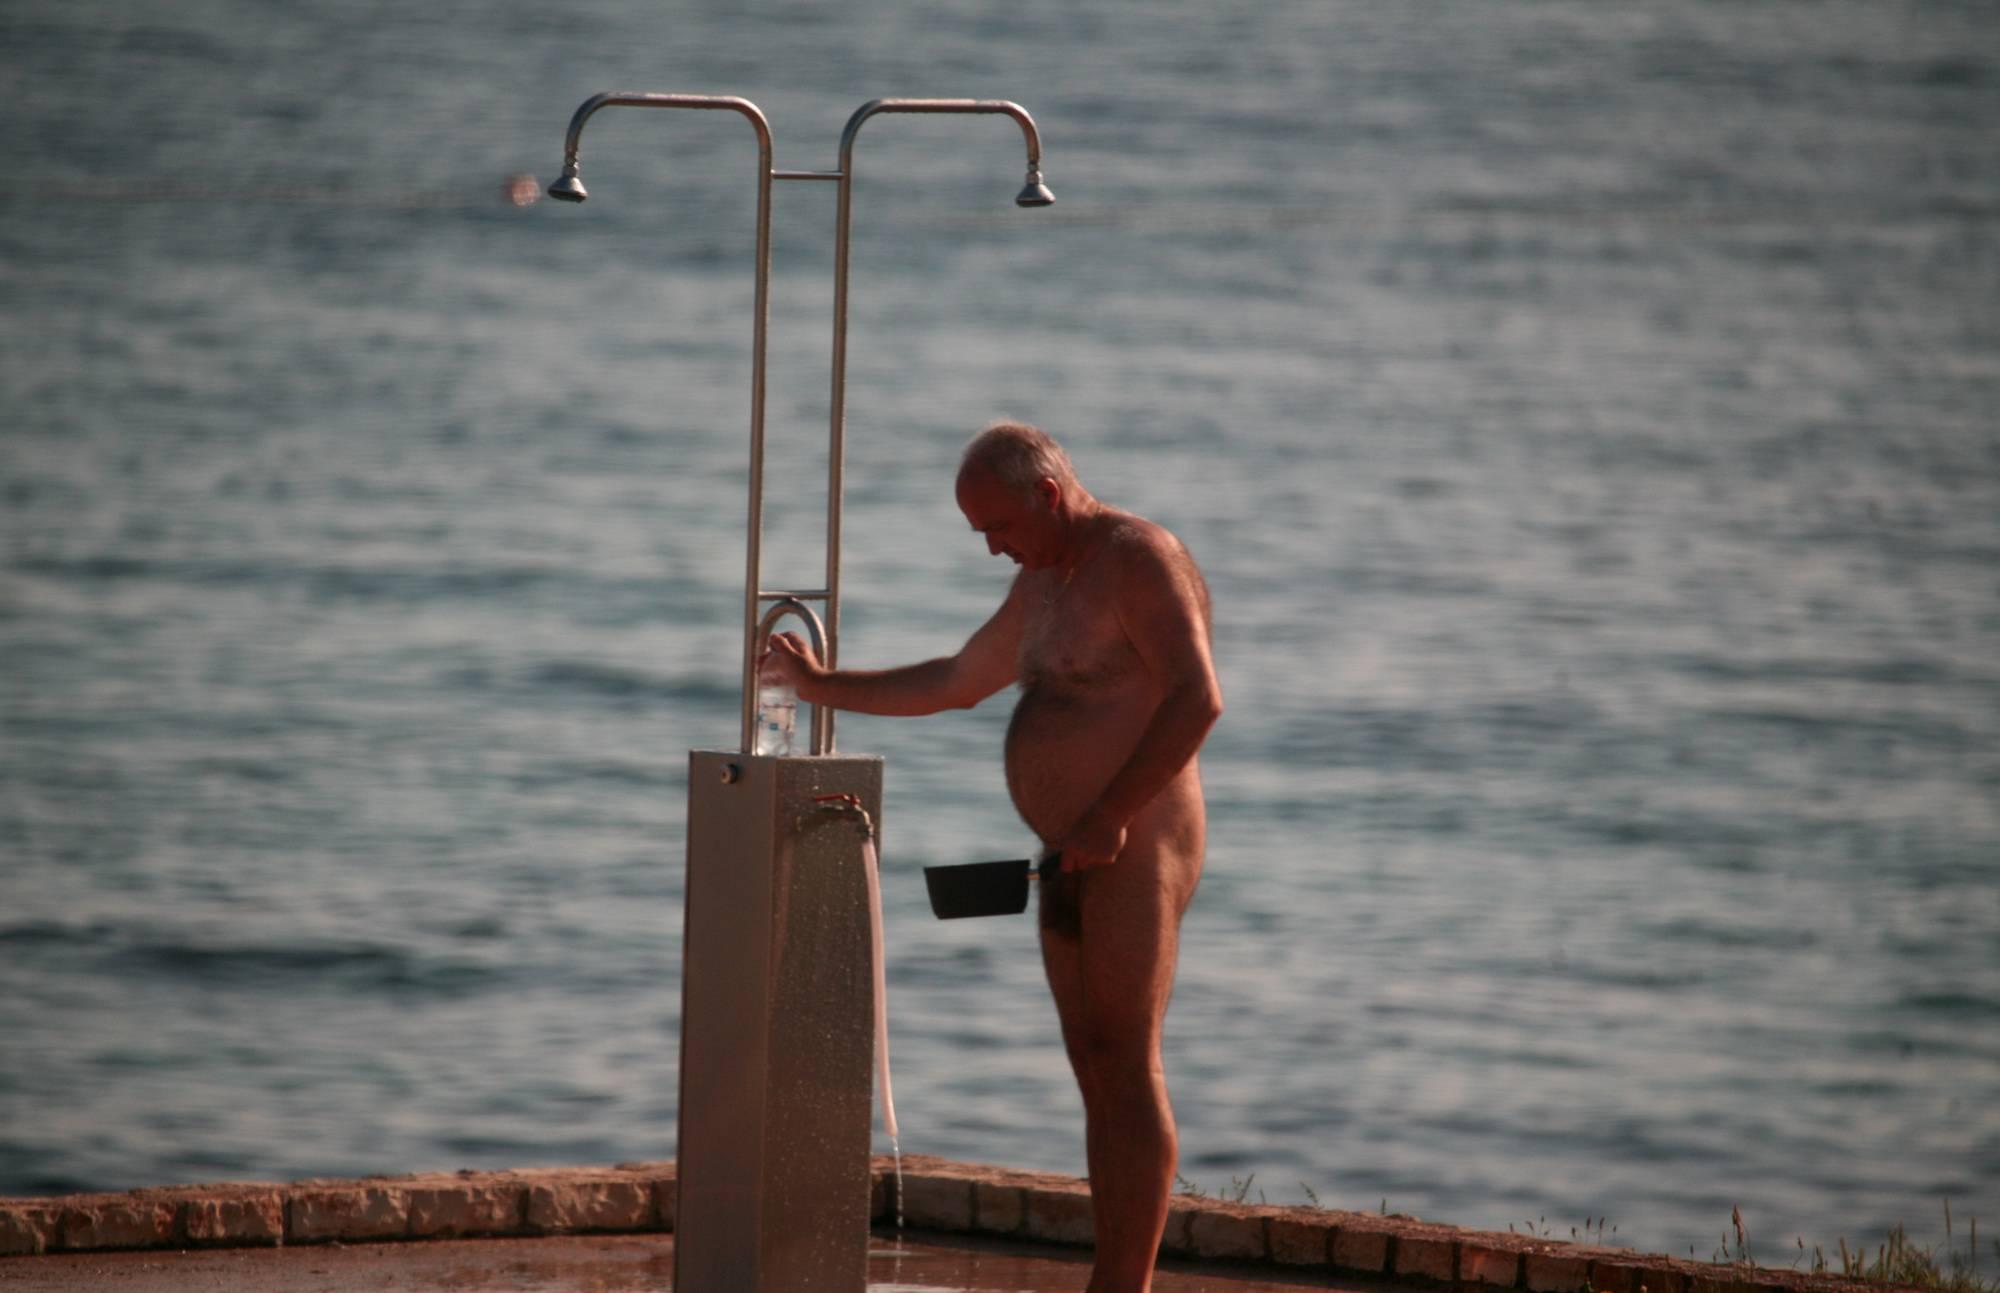 Pure Nudism Images-Naturist Shower at Dusk - 3